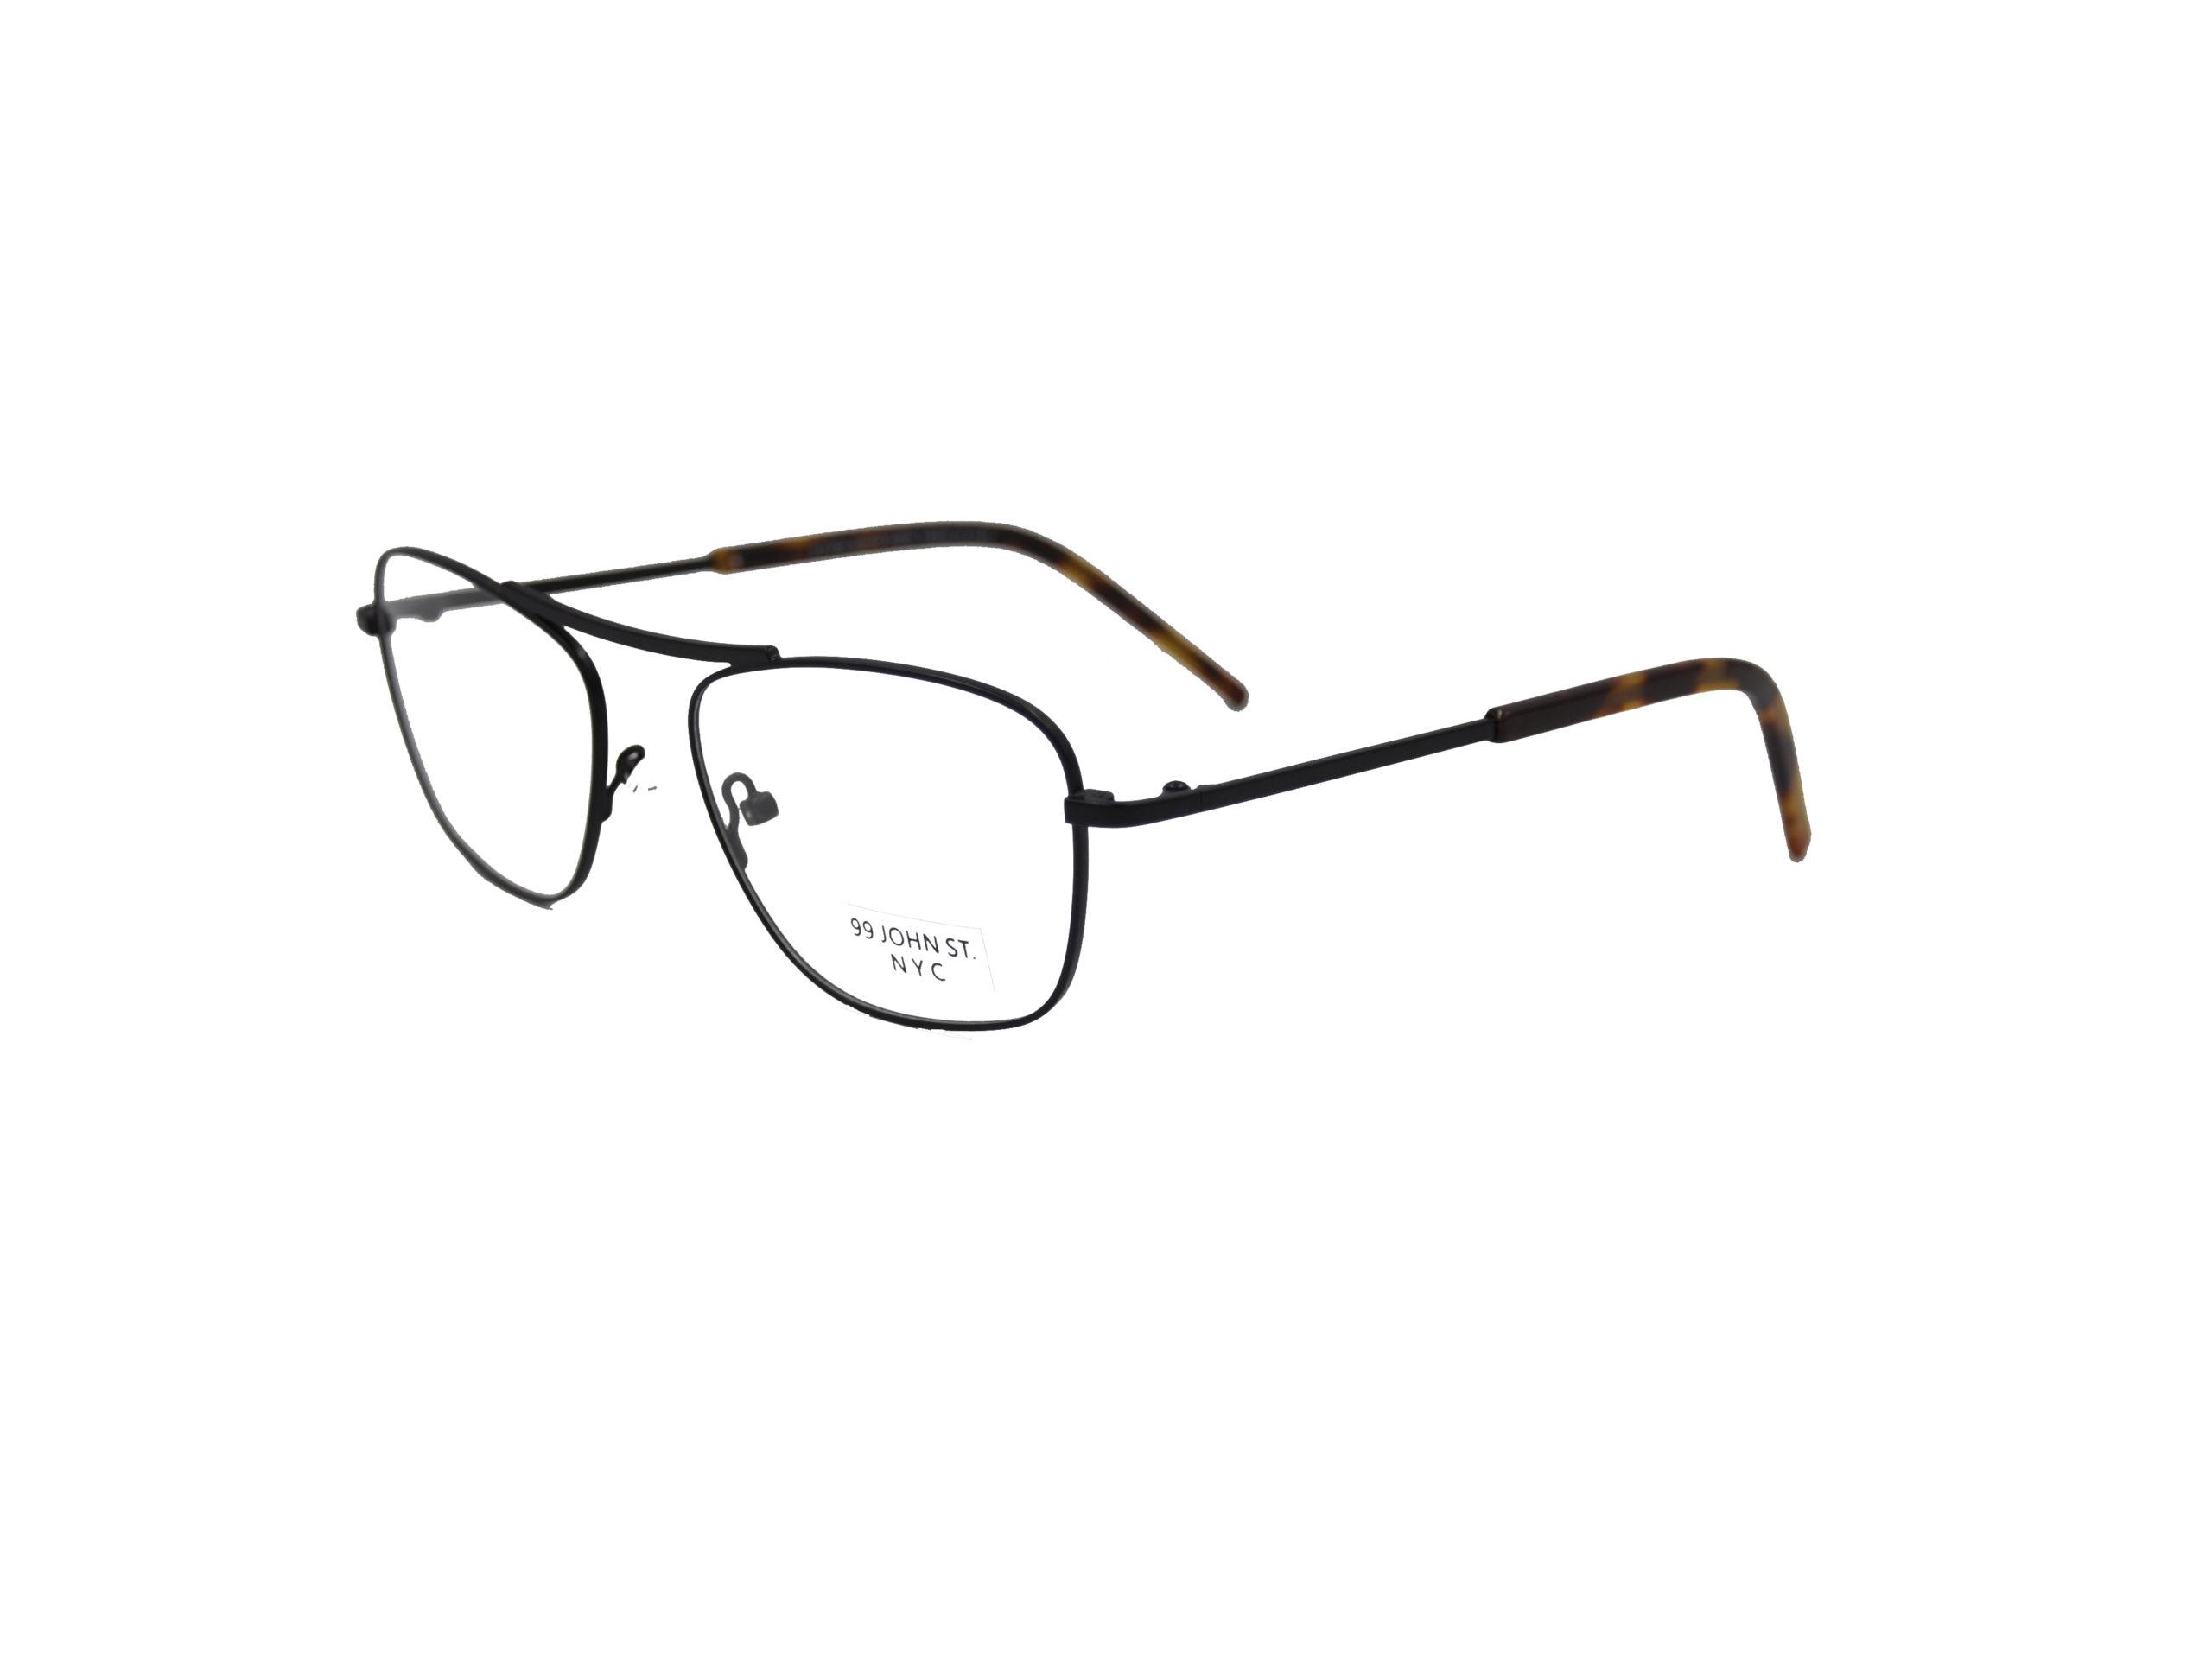 99 JOHN ST NYC ST1004 C02M Prescription Glasses 2018